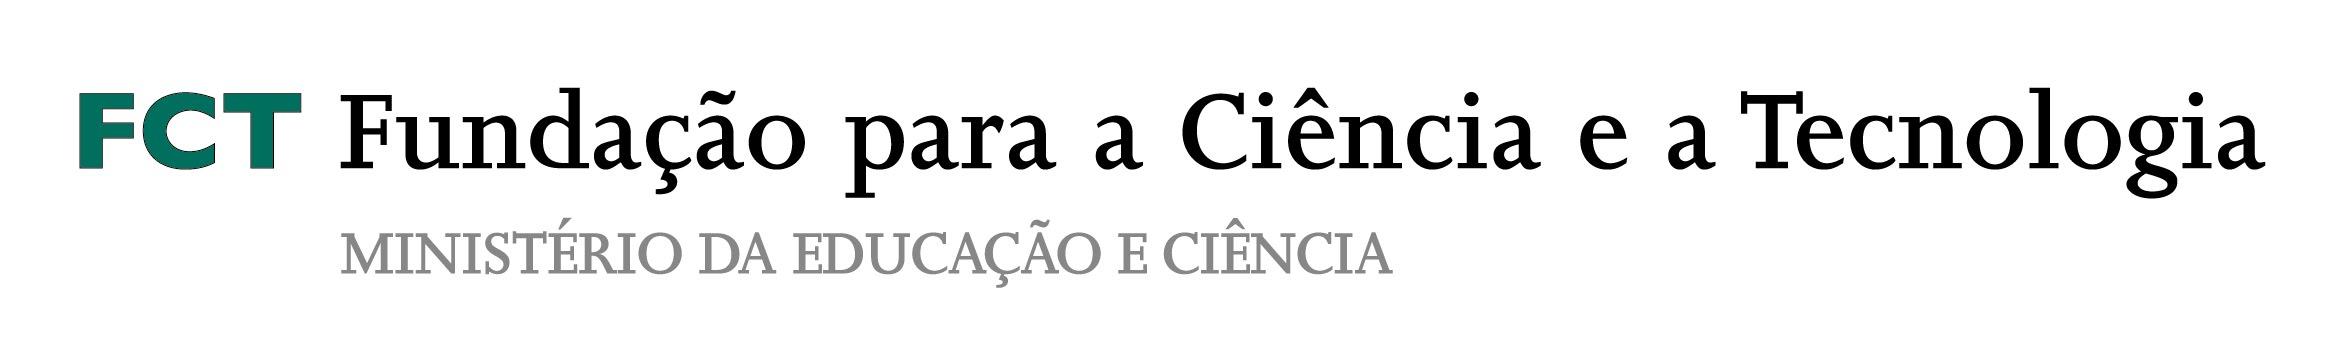 Fundação de Ciência e Tecnologia